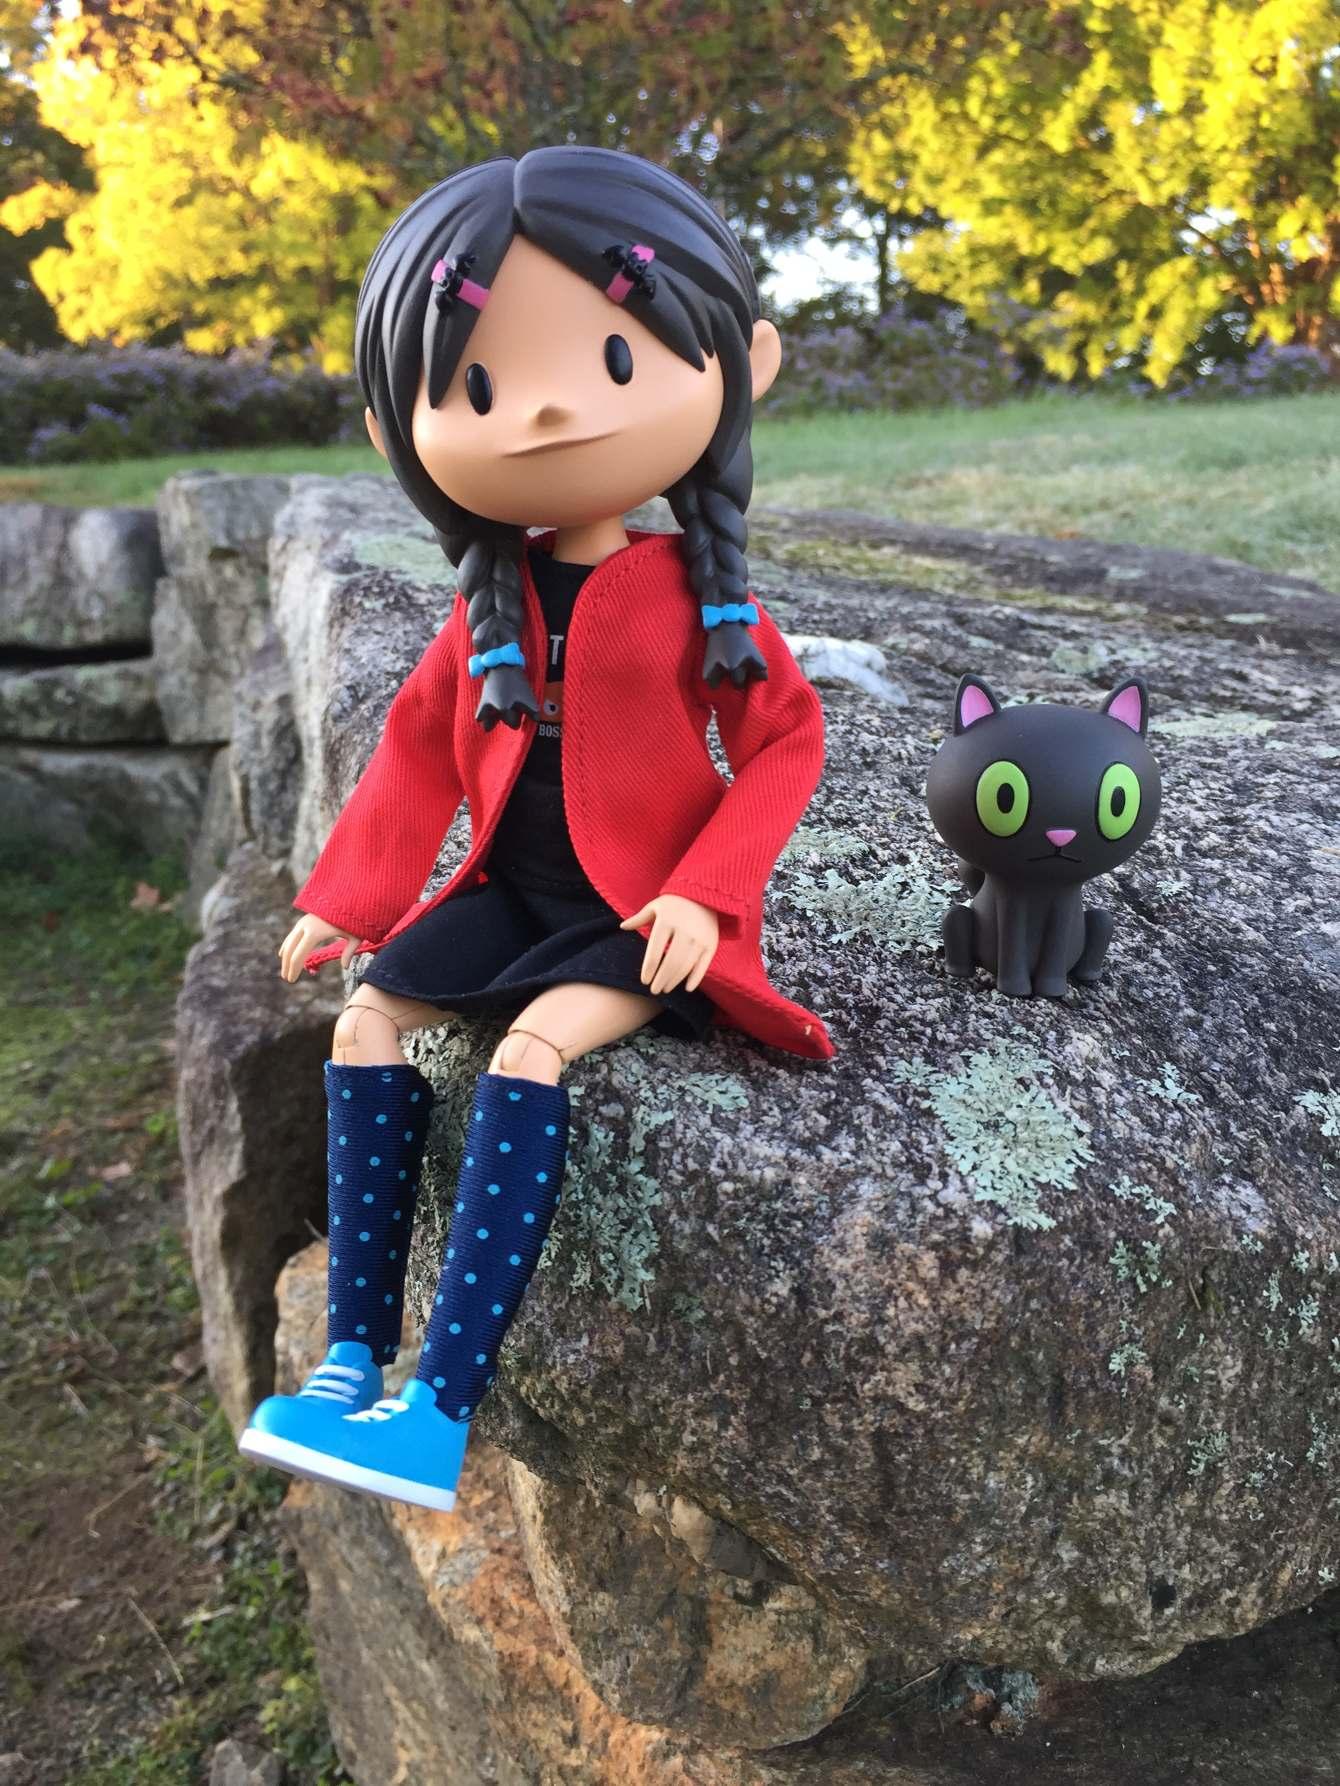 Yuna-2015-10-21-08.20.04_1340_c.jpg